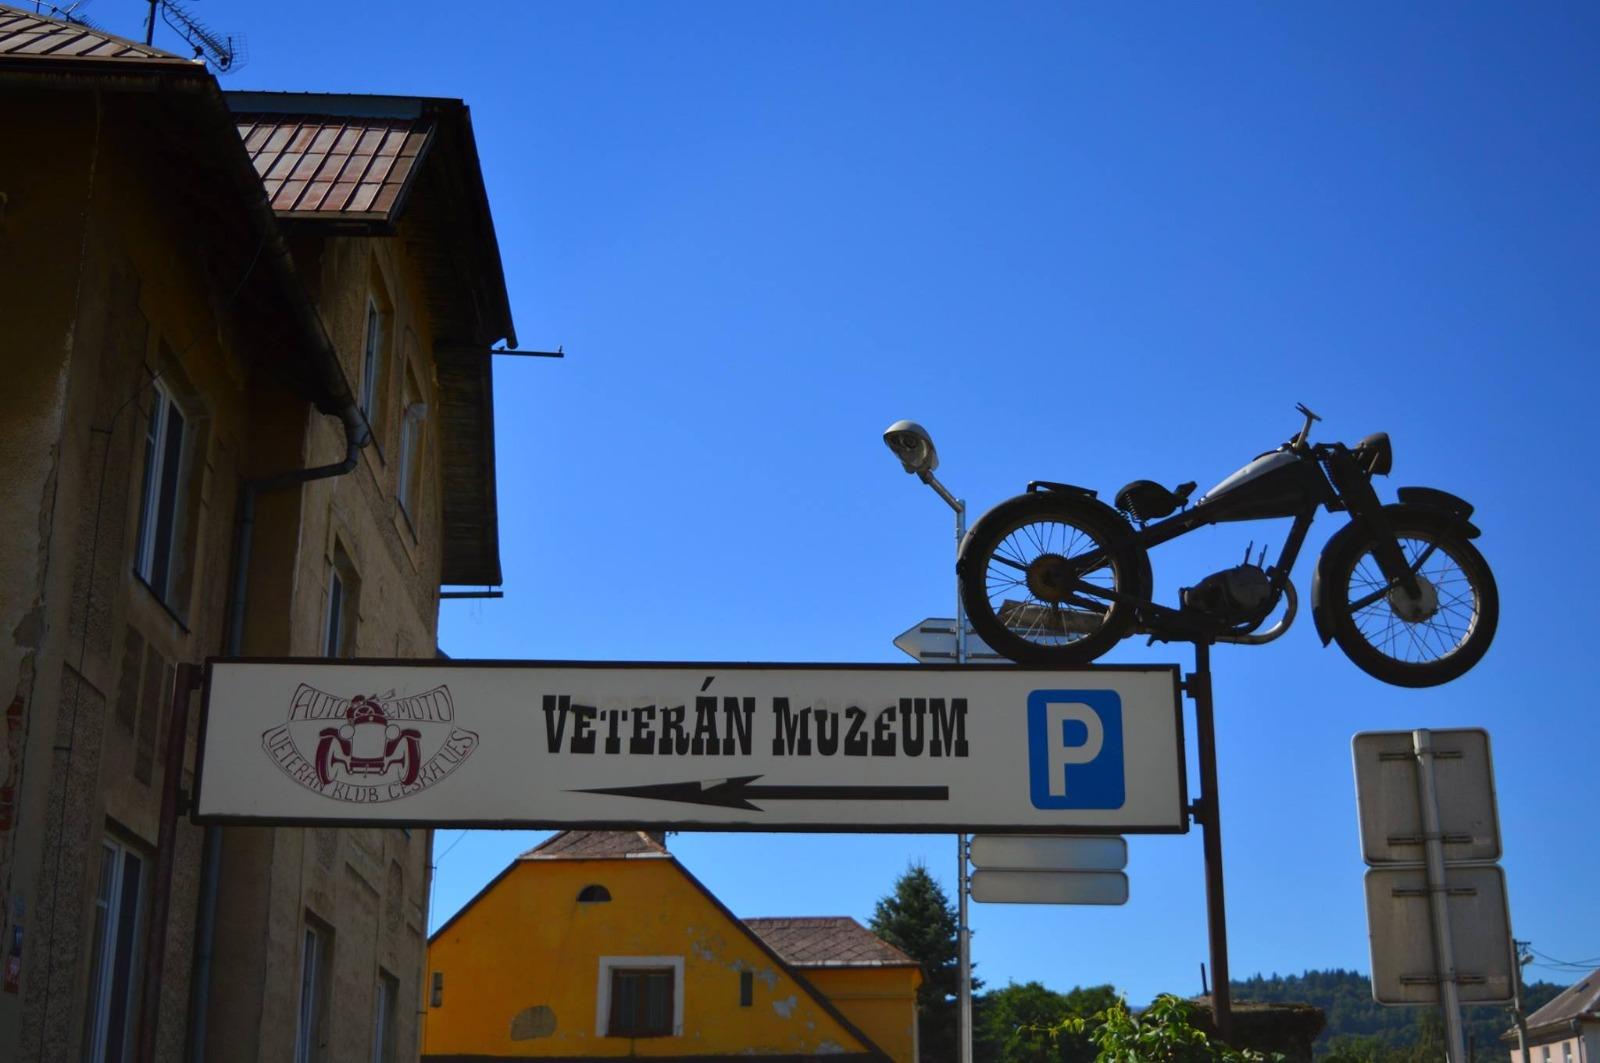 Muzeum veteránů Česká Ves